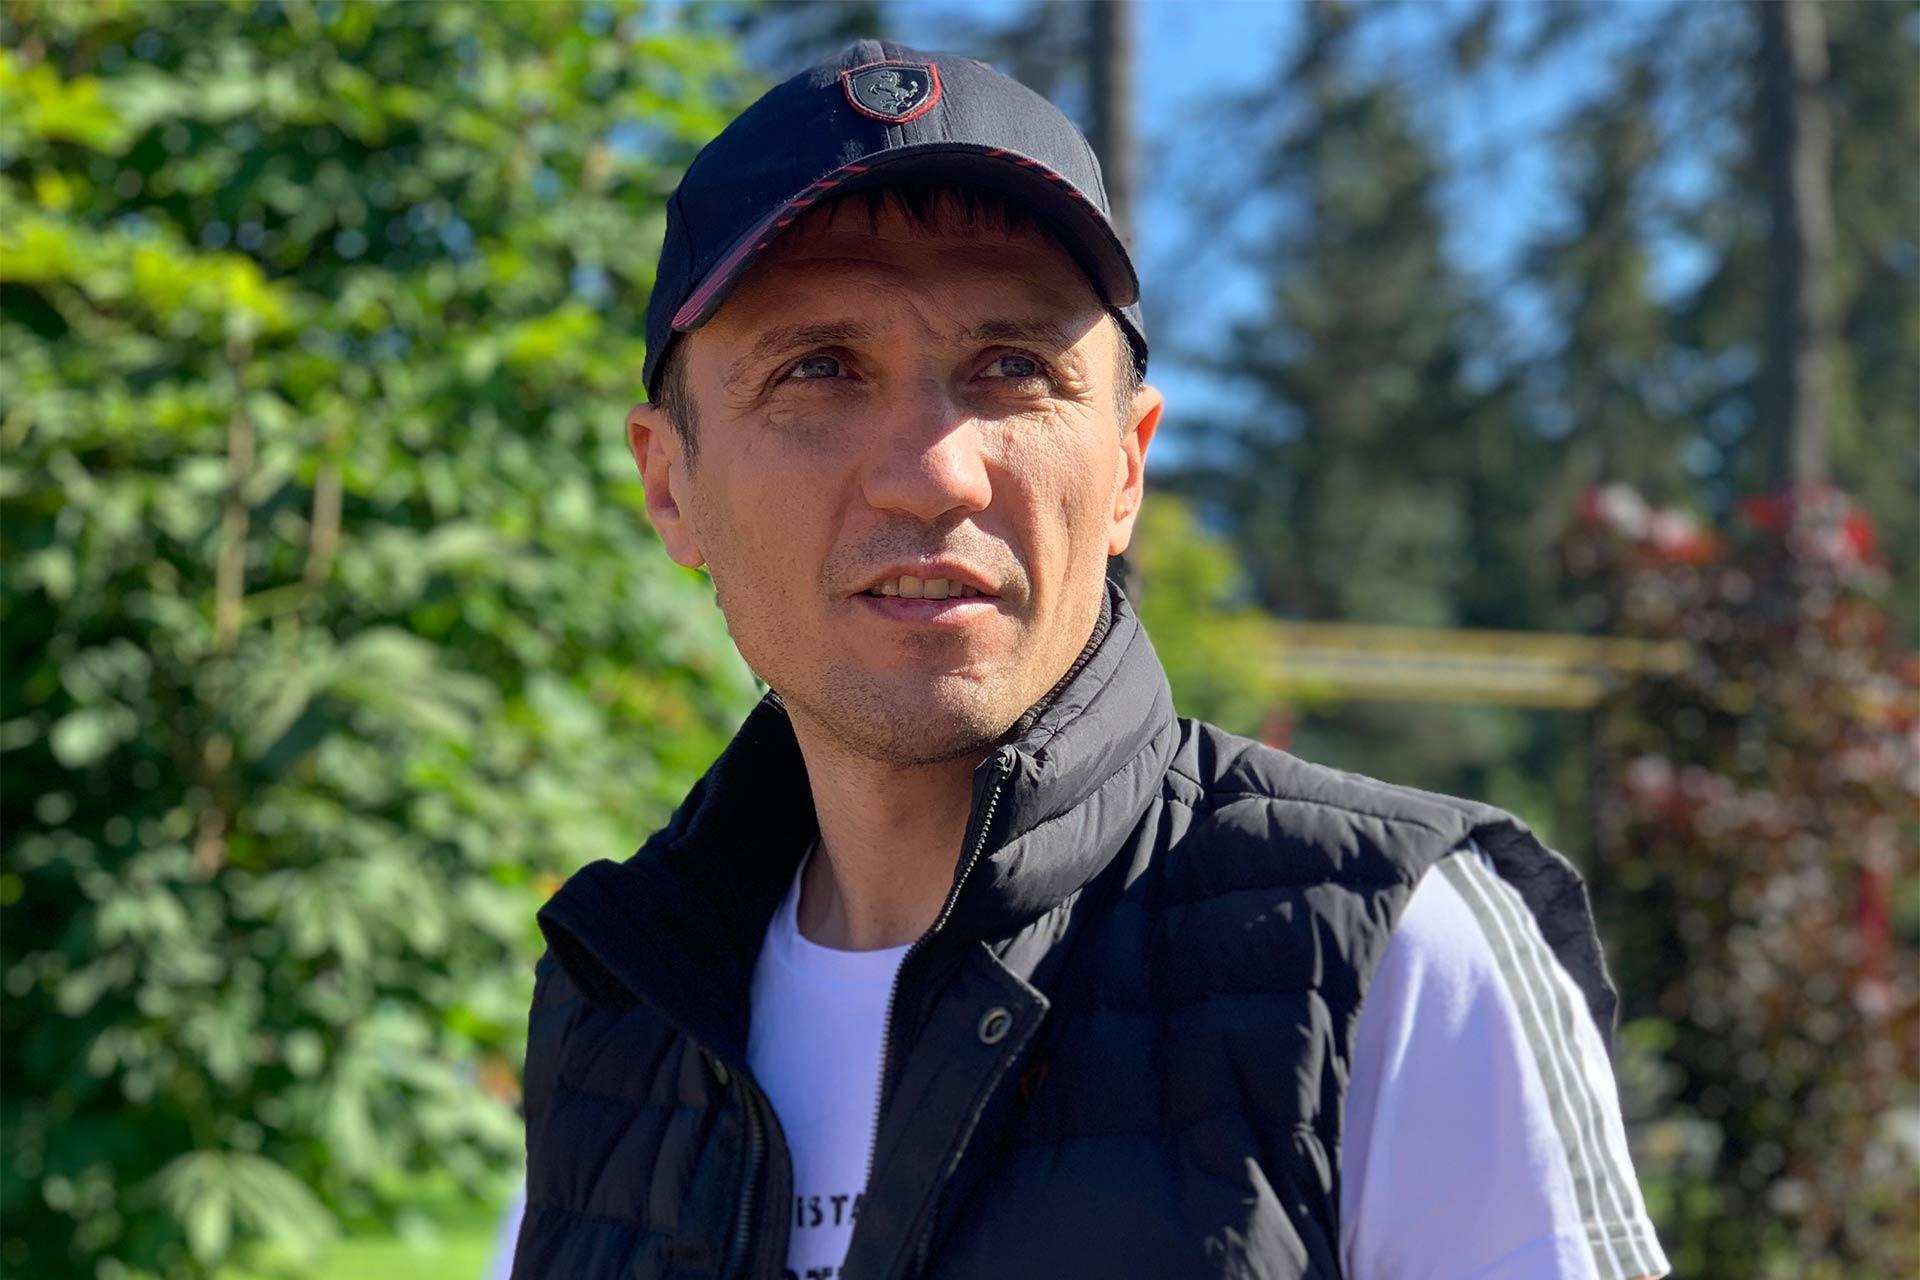 История успеха: Вадим Лучинин, основатель компании Pattra Organic Rus